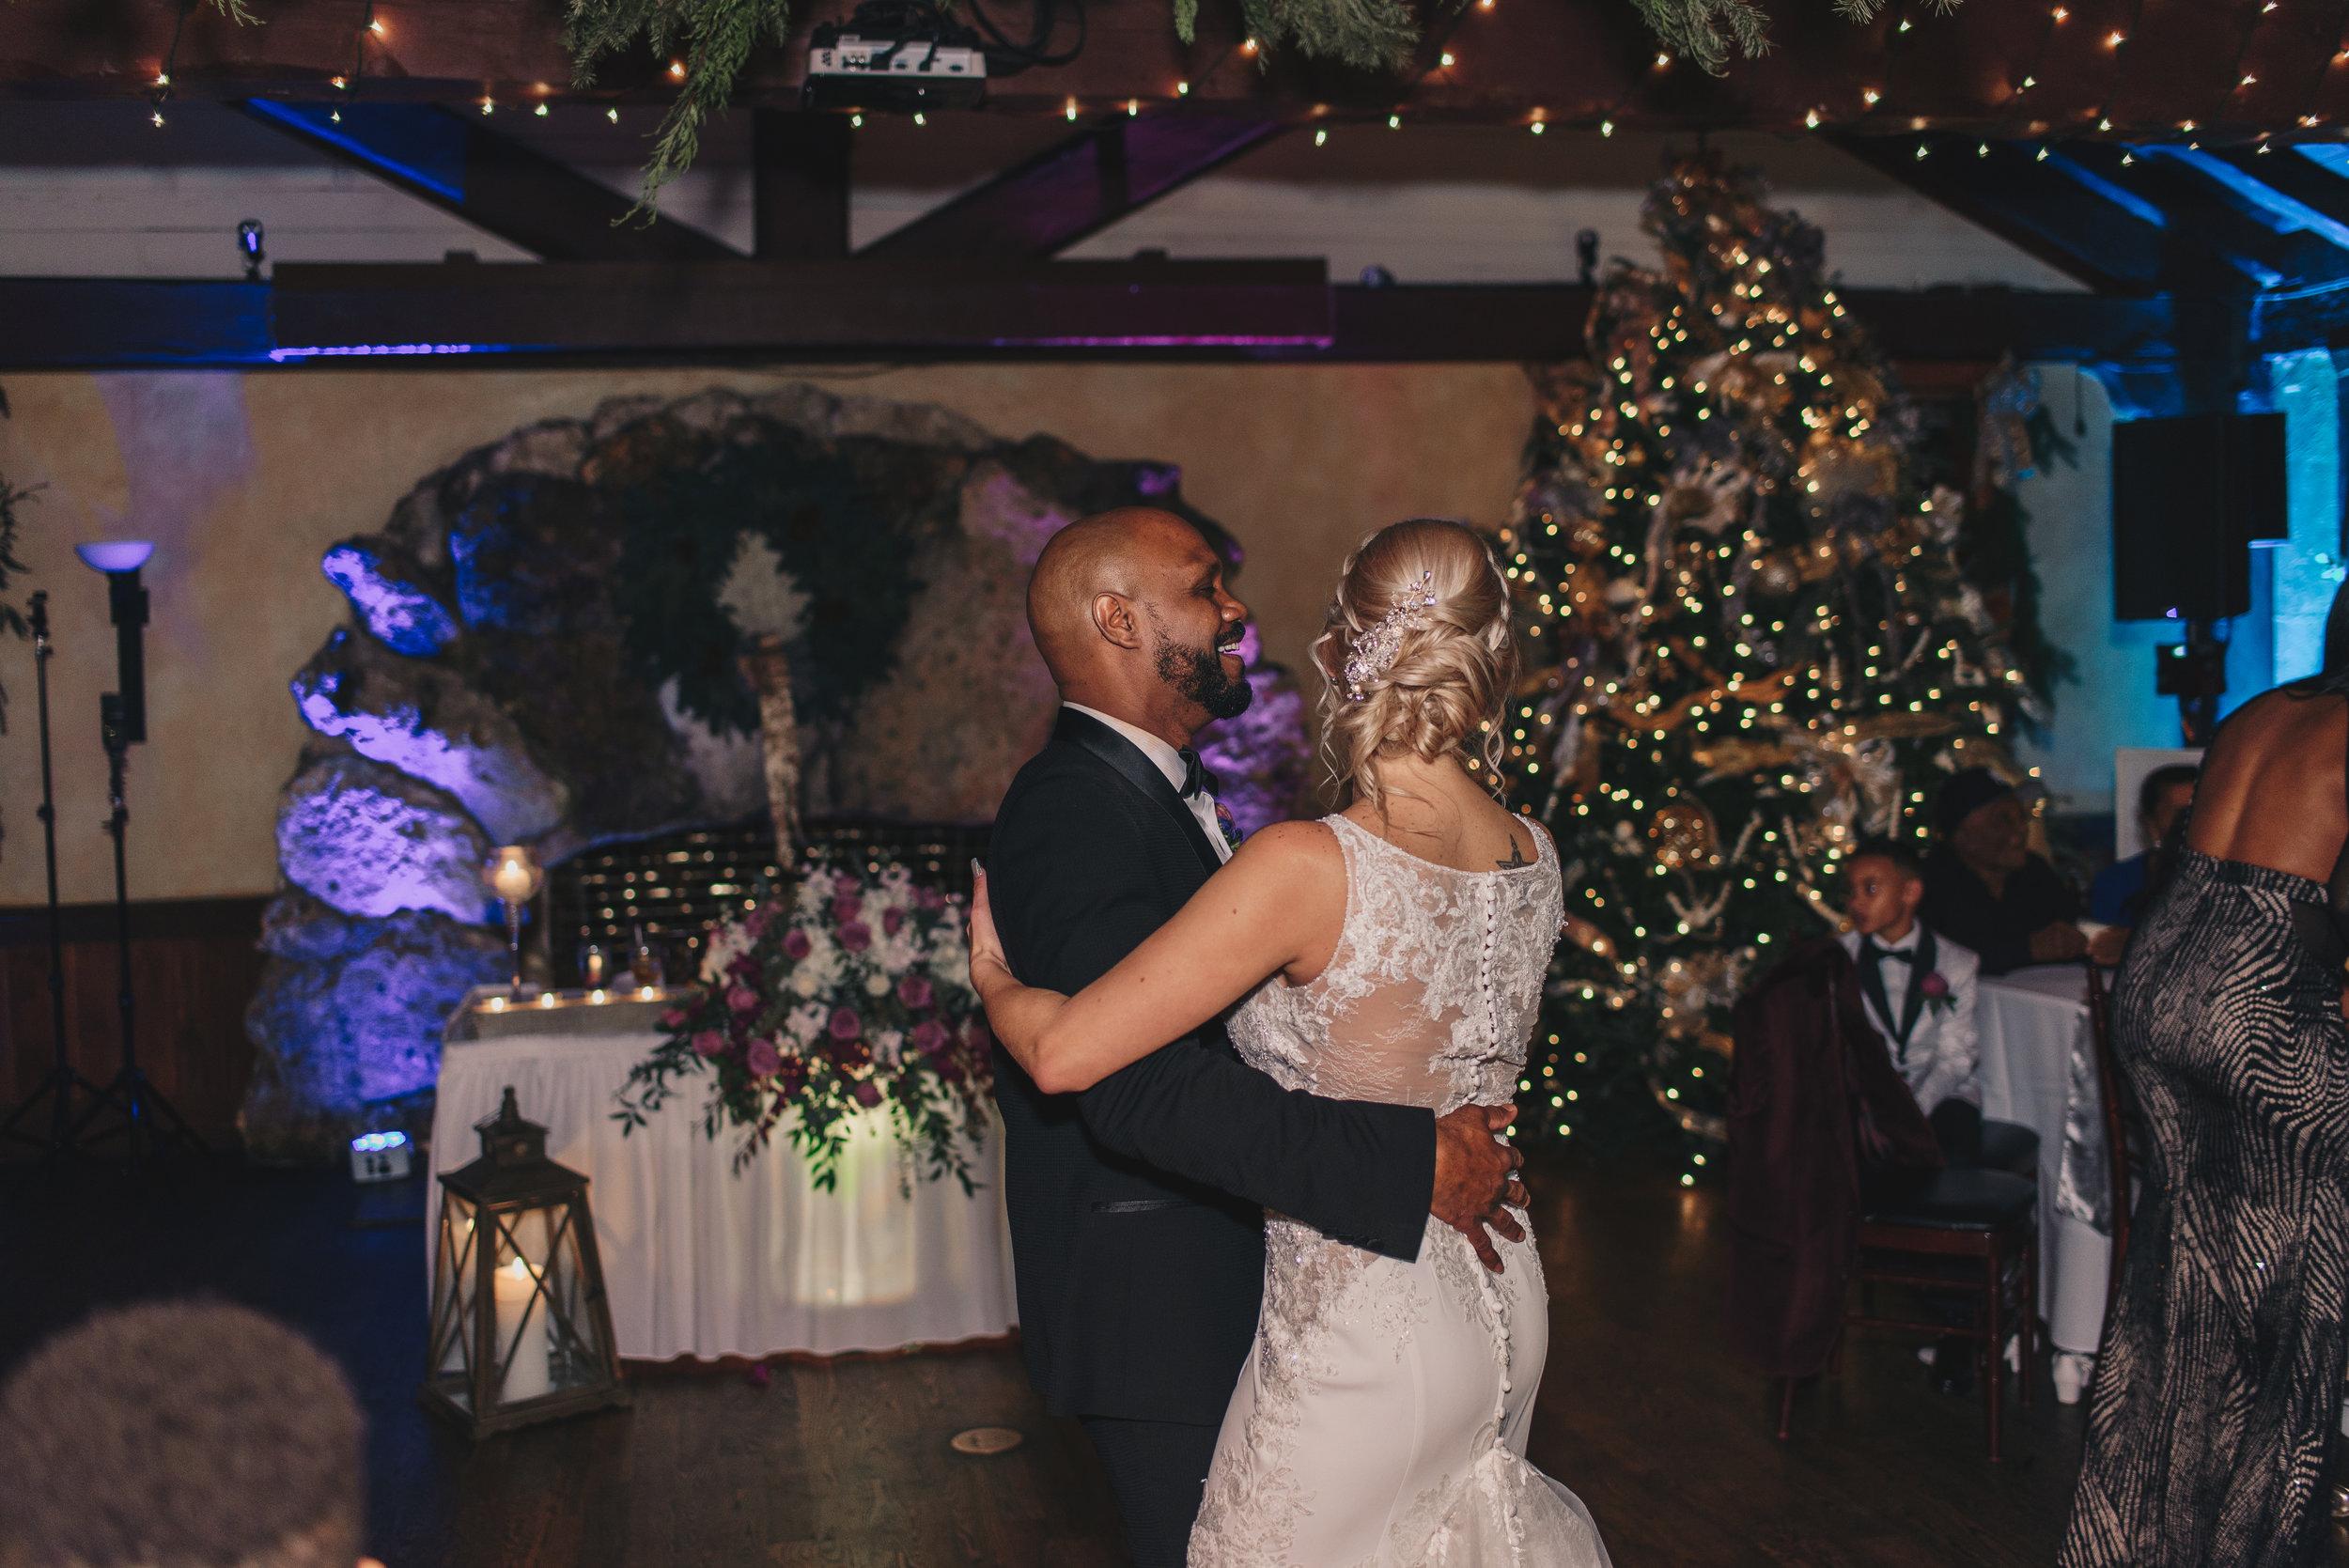 Los-Vargas-Photo-Wedding-Historic-Dubsdread-Ballroom-9597.jpg